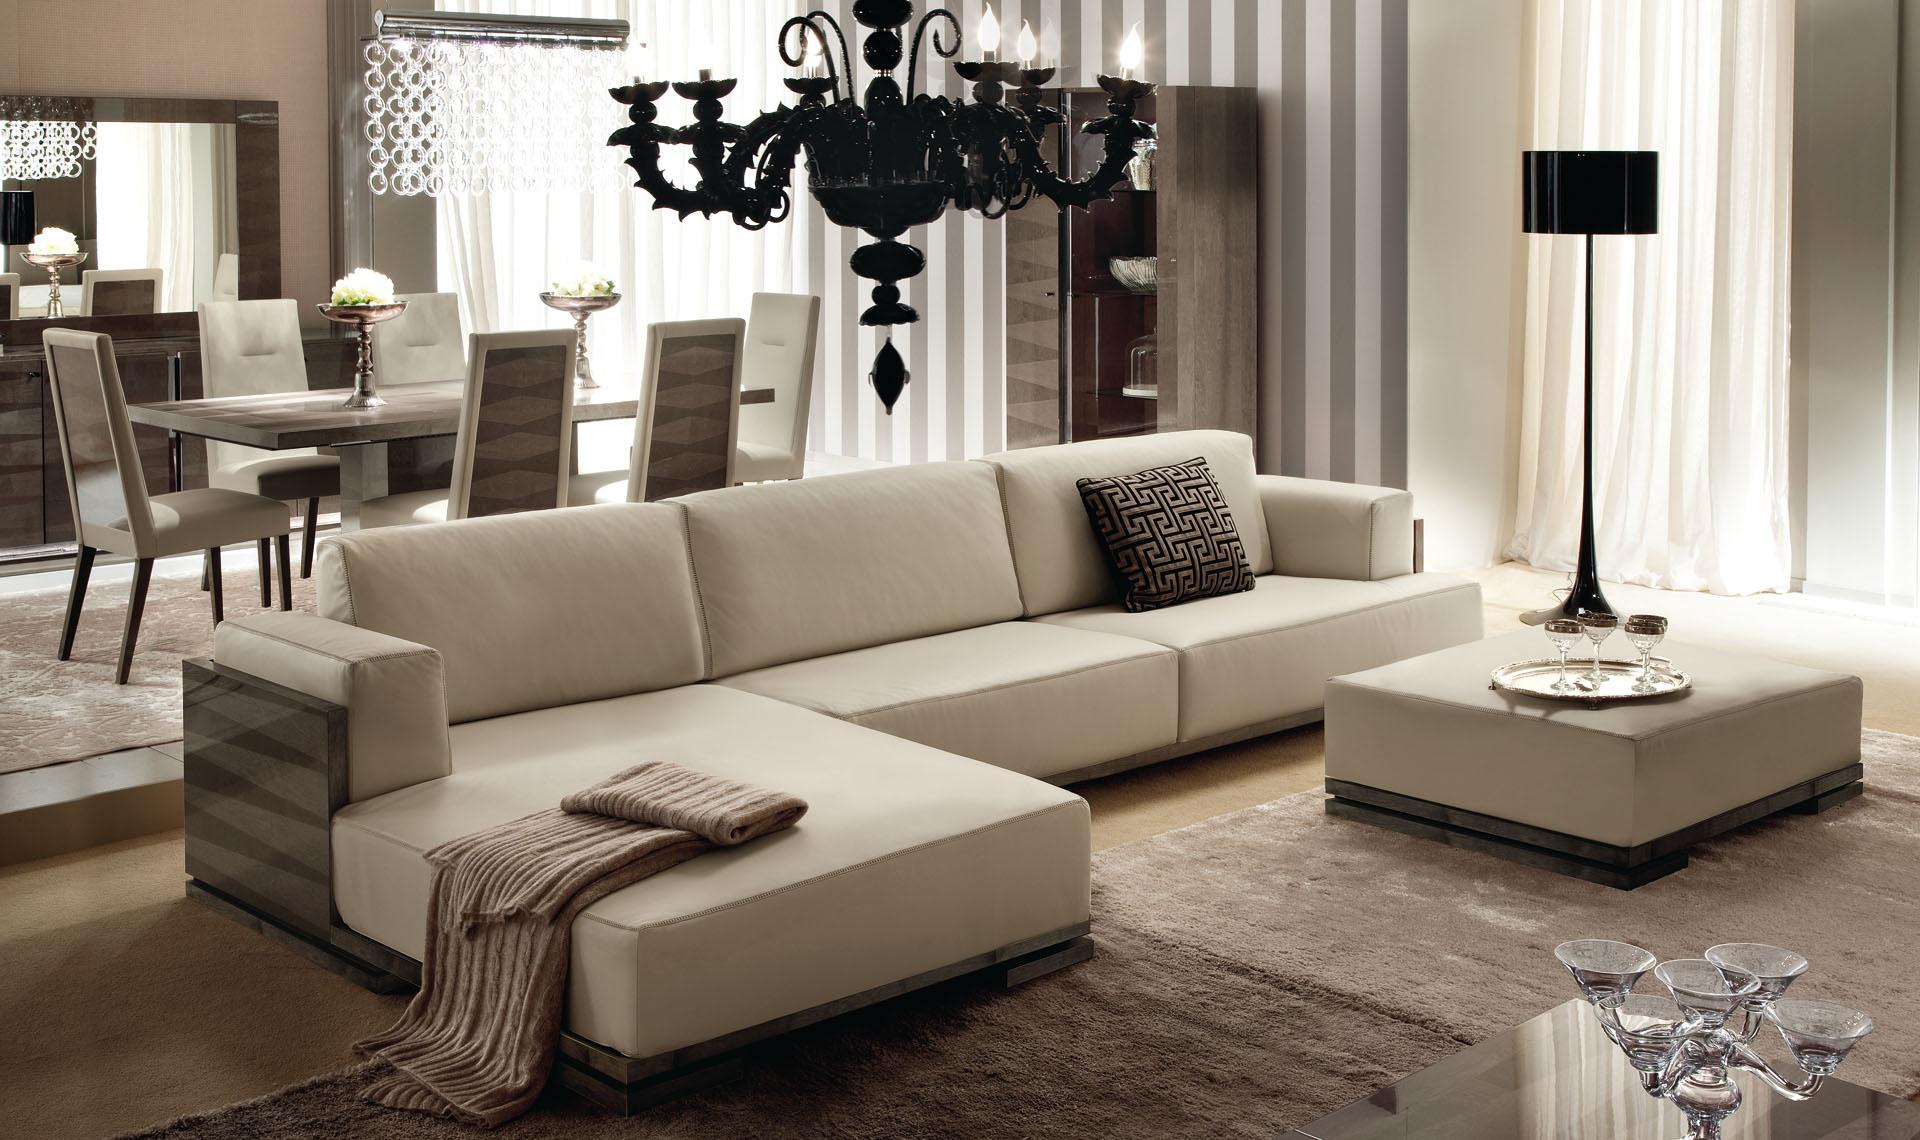 Monaco Living Room Overview 2